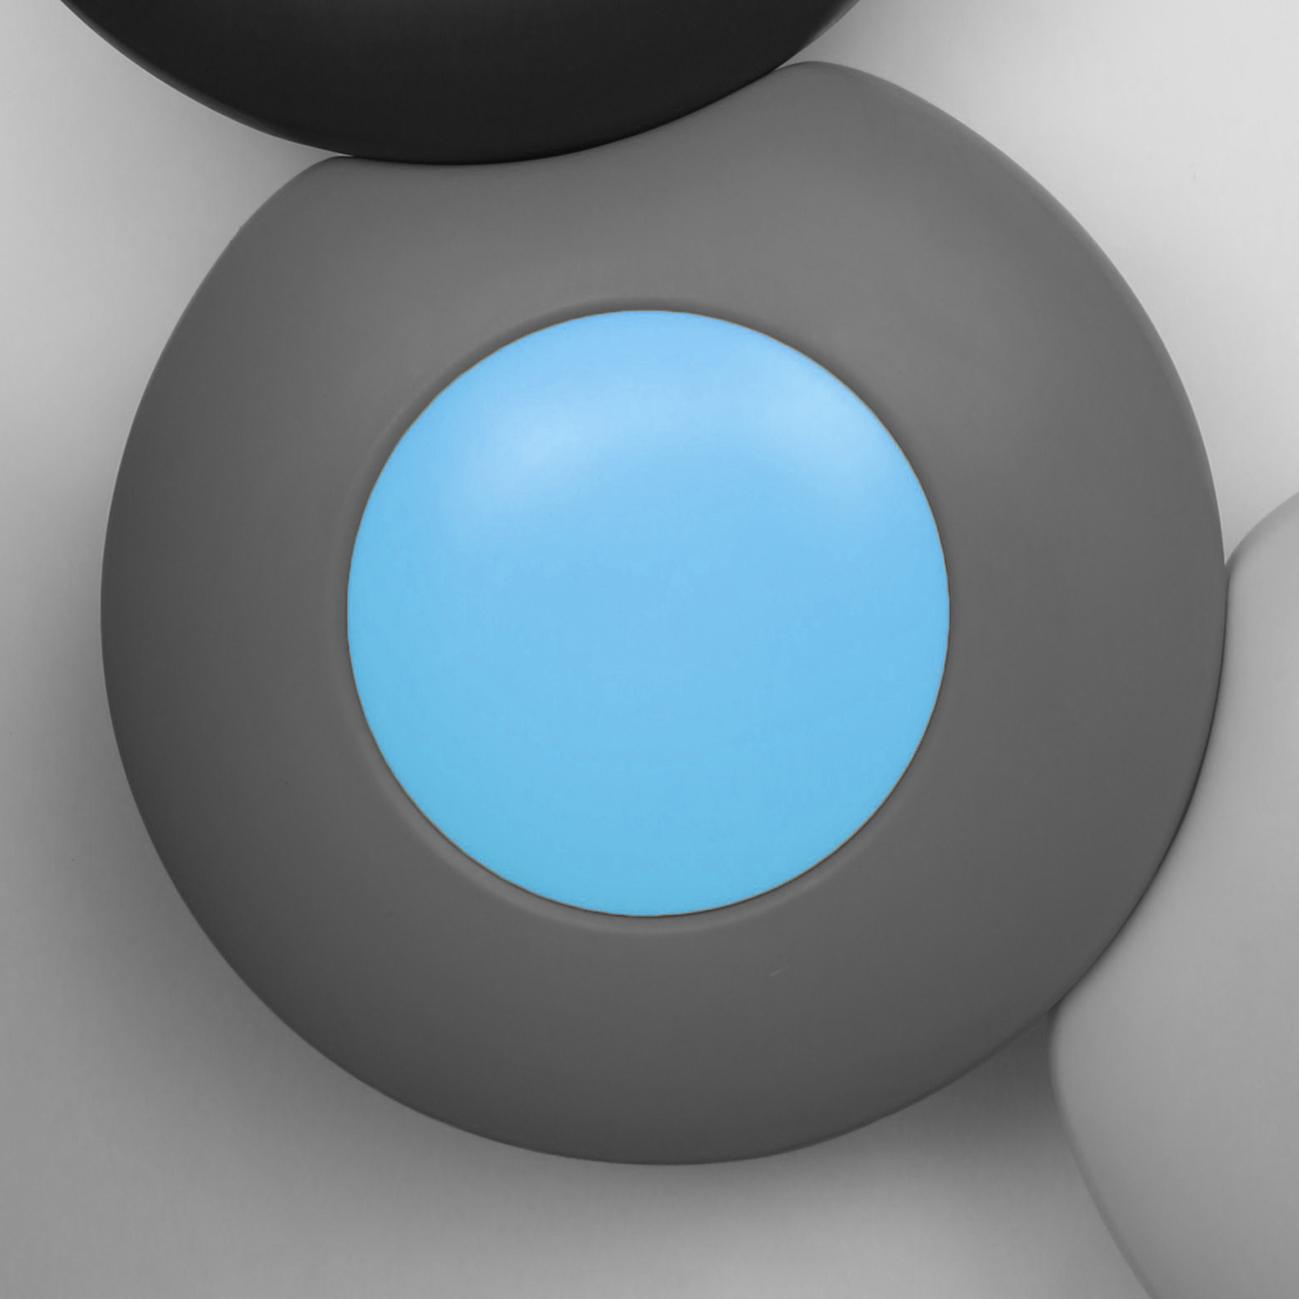 Scopi zitelement - grijs en blauw